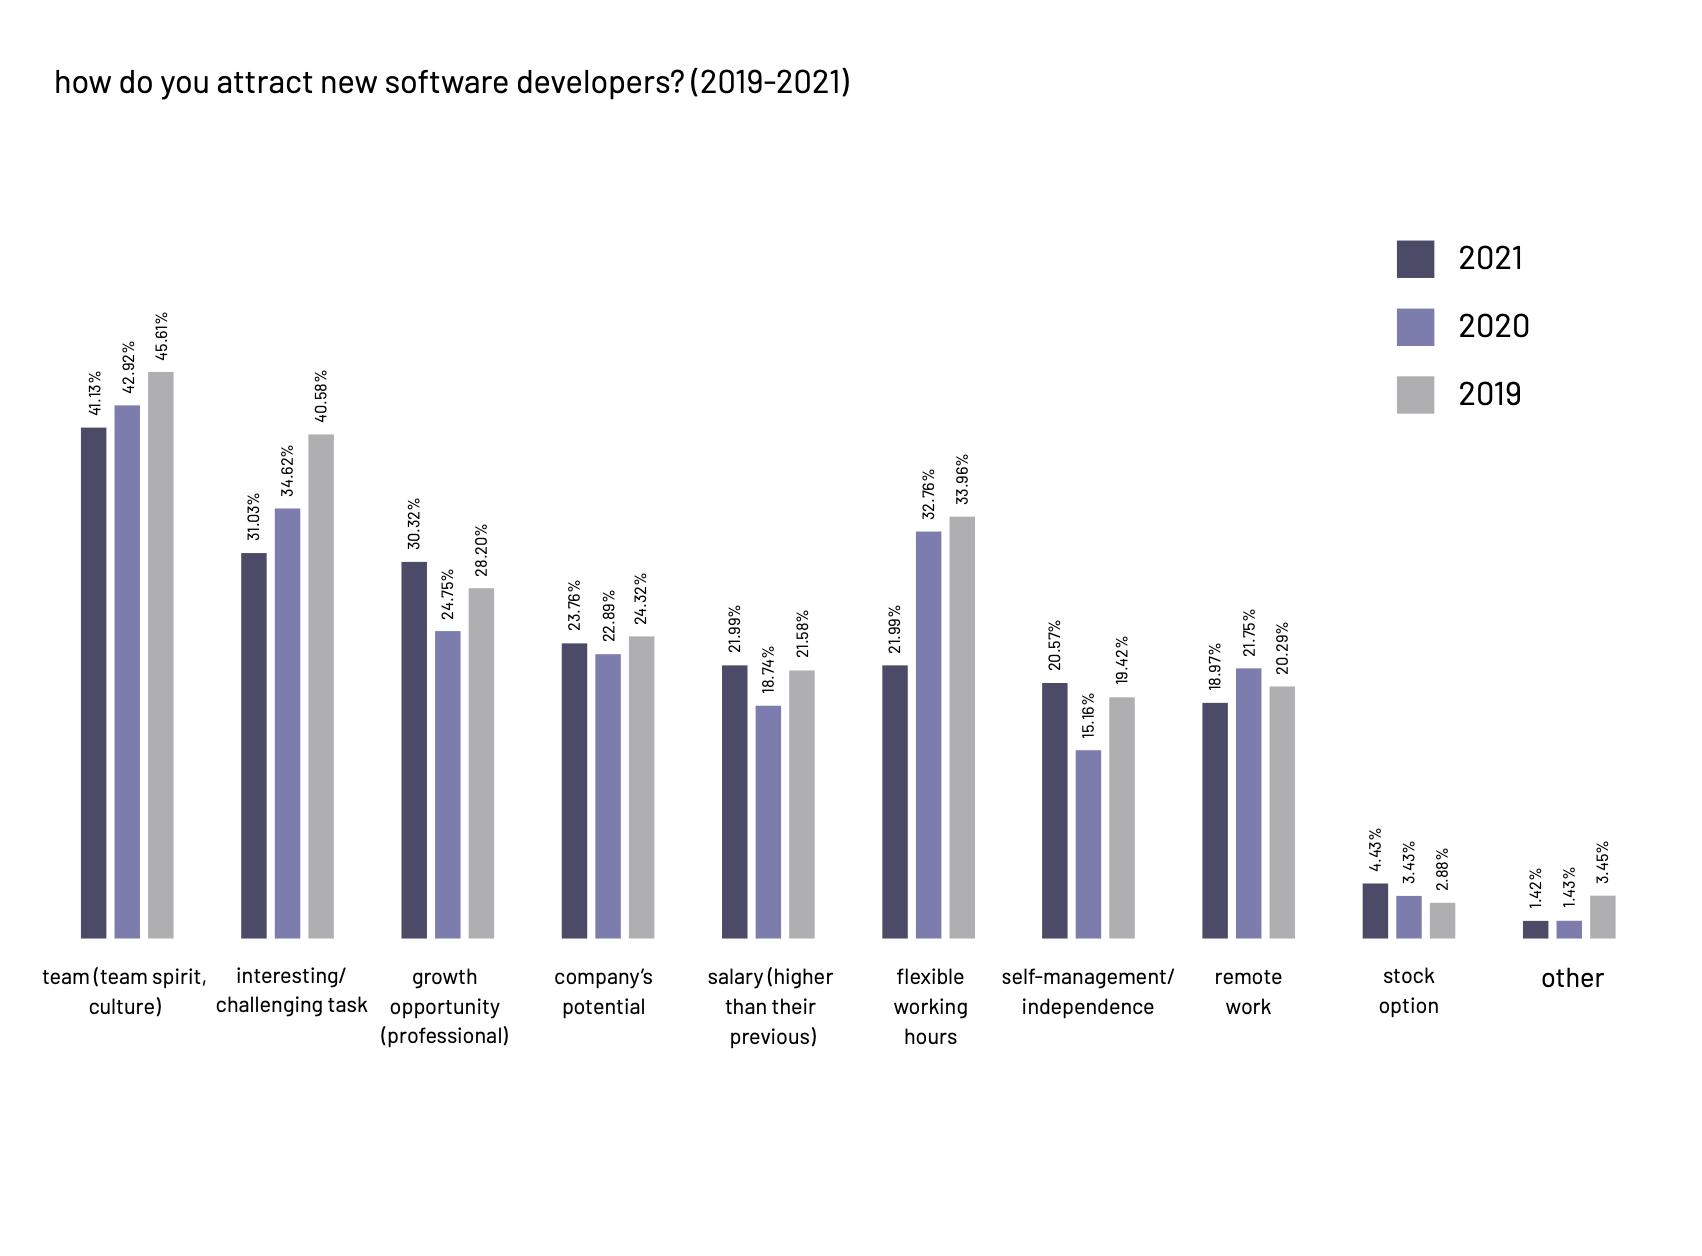 Atraer a nuevos desarrolladores de software